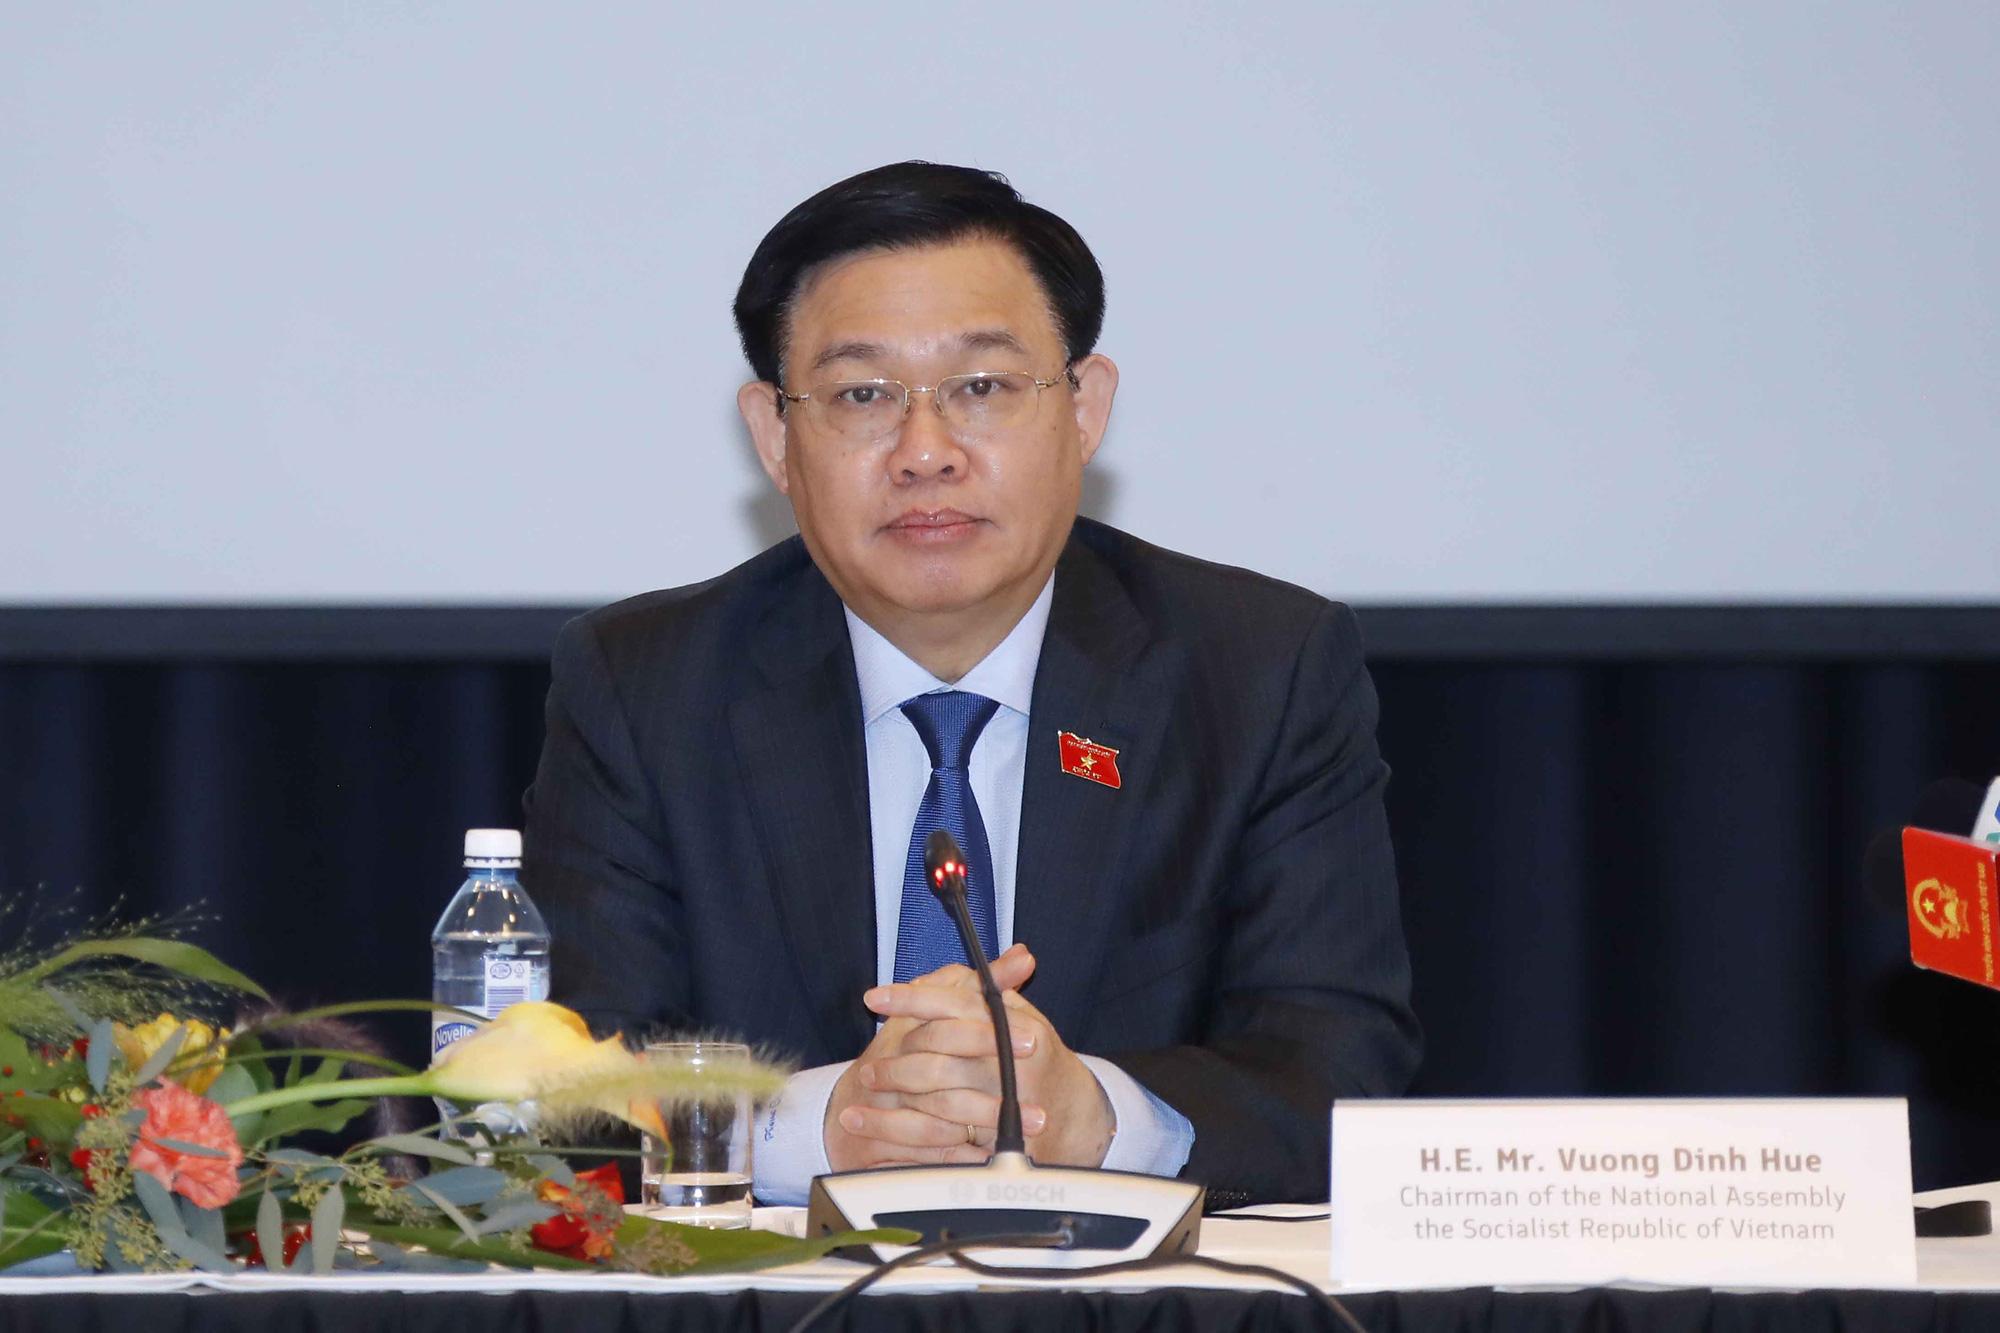 Việt Nam nhận thêm 100.000 liều vaccine và gần 300 tỷ thiết bị y tế chống dịch Covid-19 - Ảnh 2.